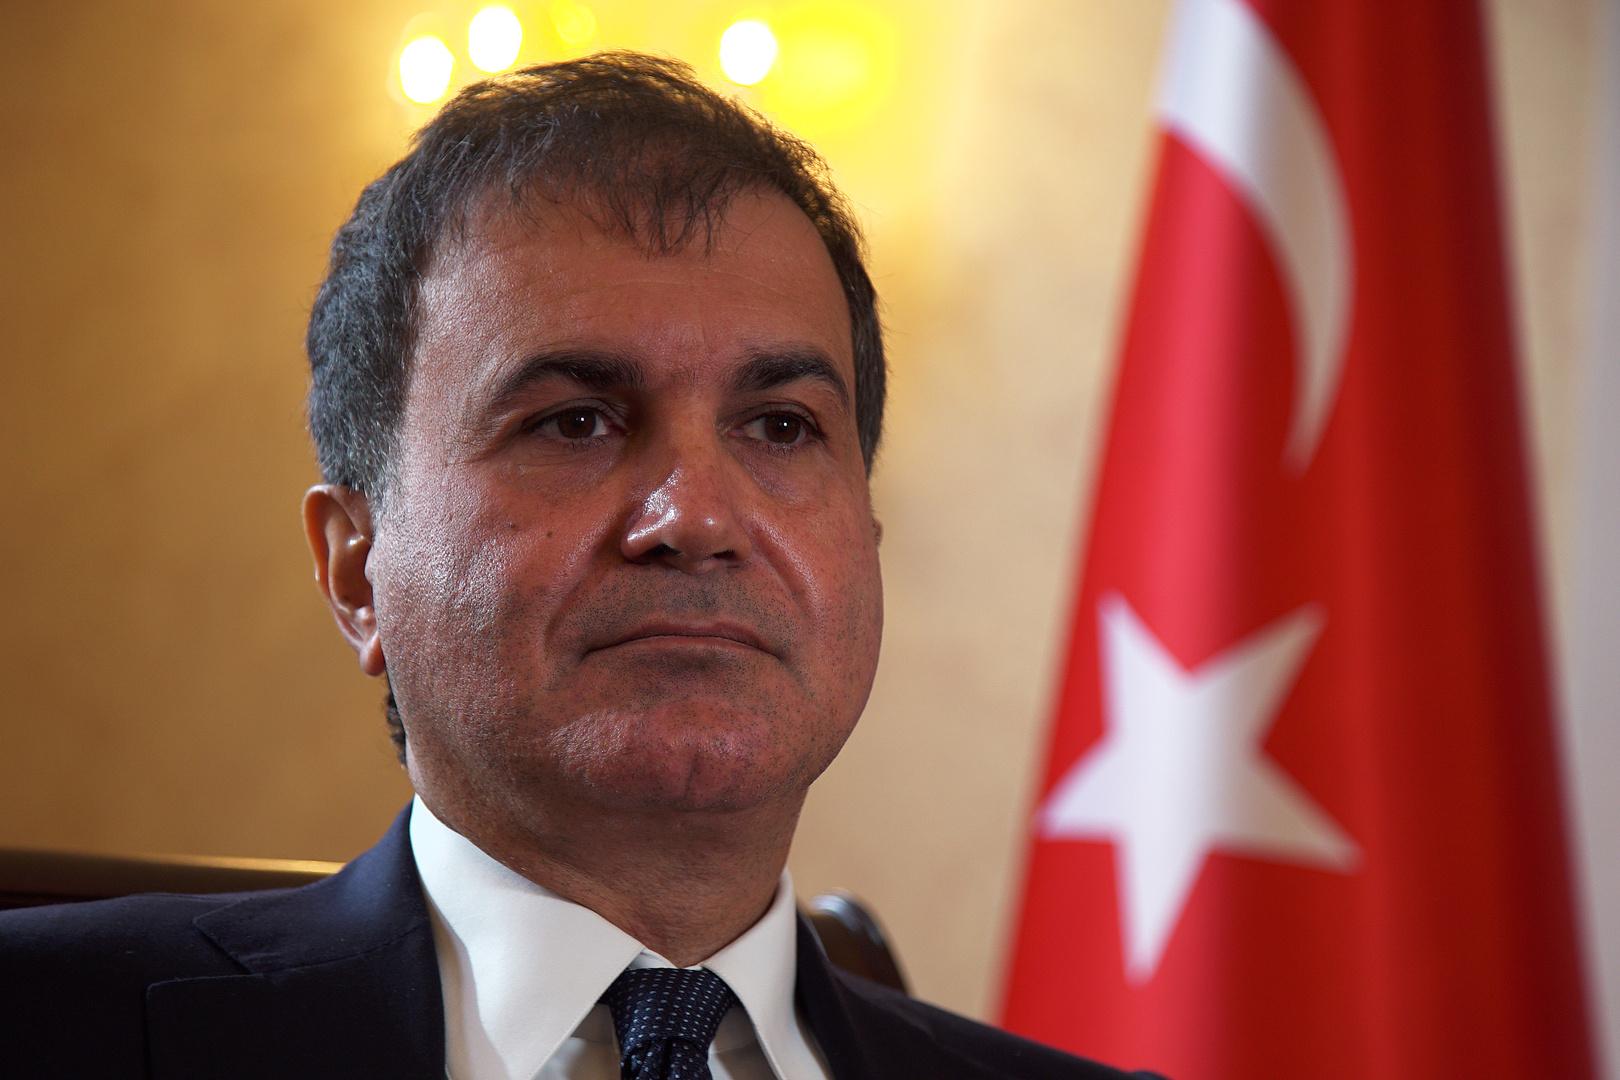 العدالة والتنمية التركي: قرار البرلمان البلجيكي حول قره باغ باطل